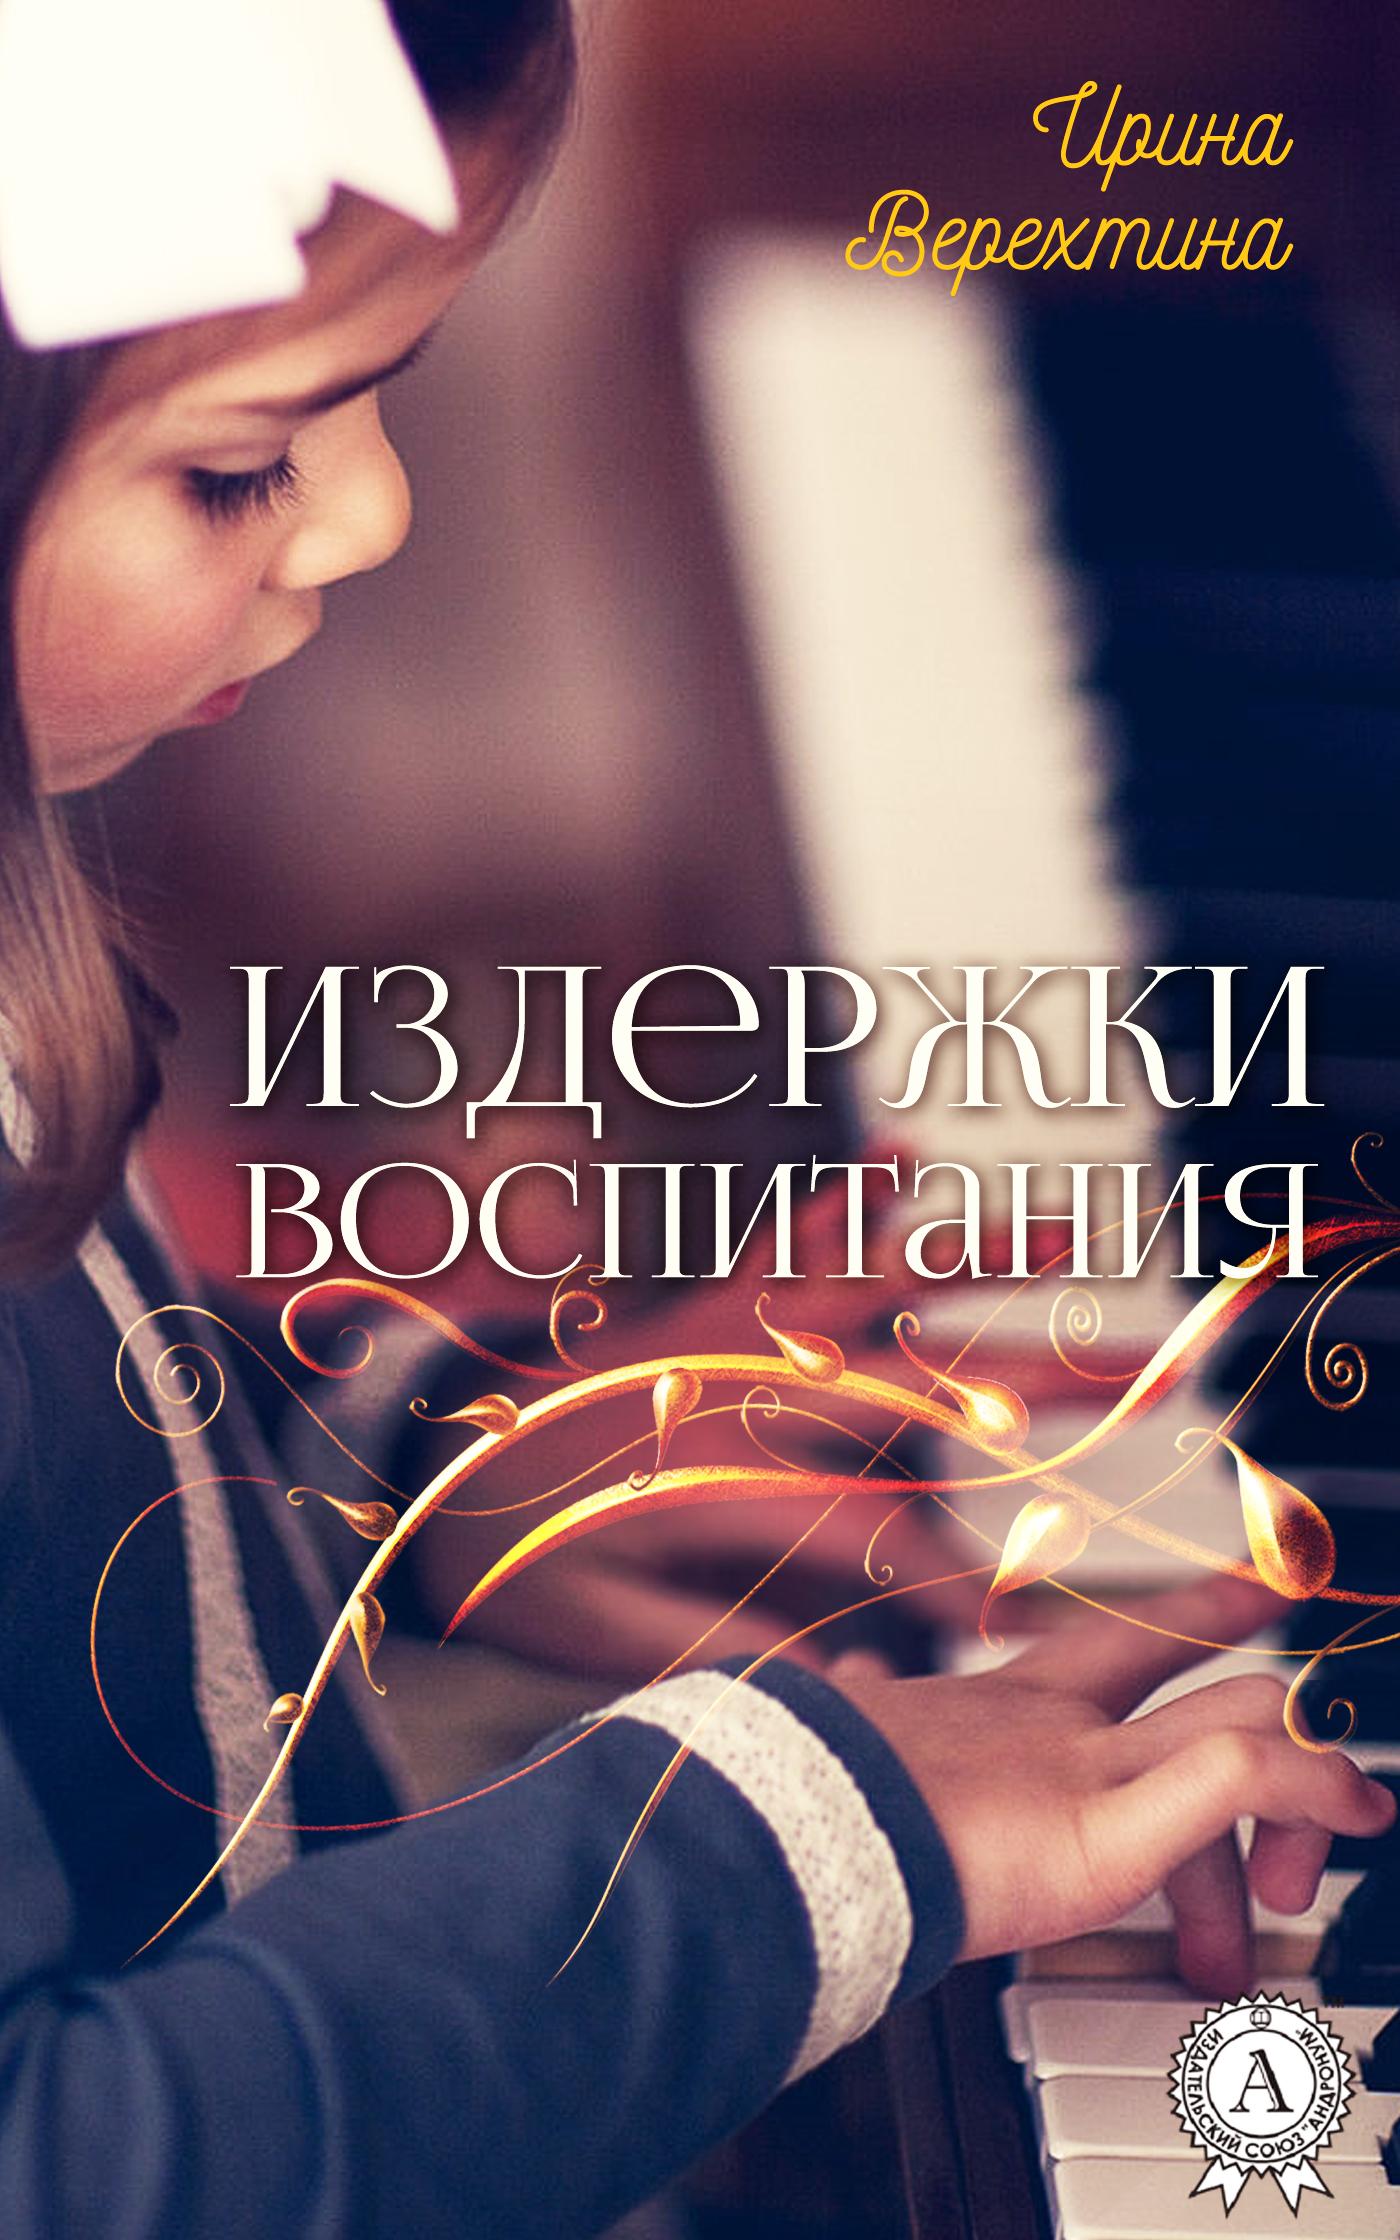 Ирина Верехтина Издержки воспитания лихачев д пер повесть временных лет